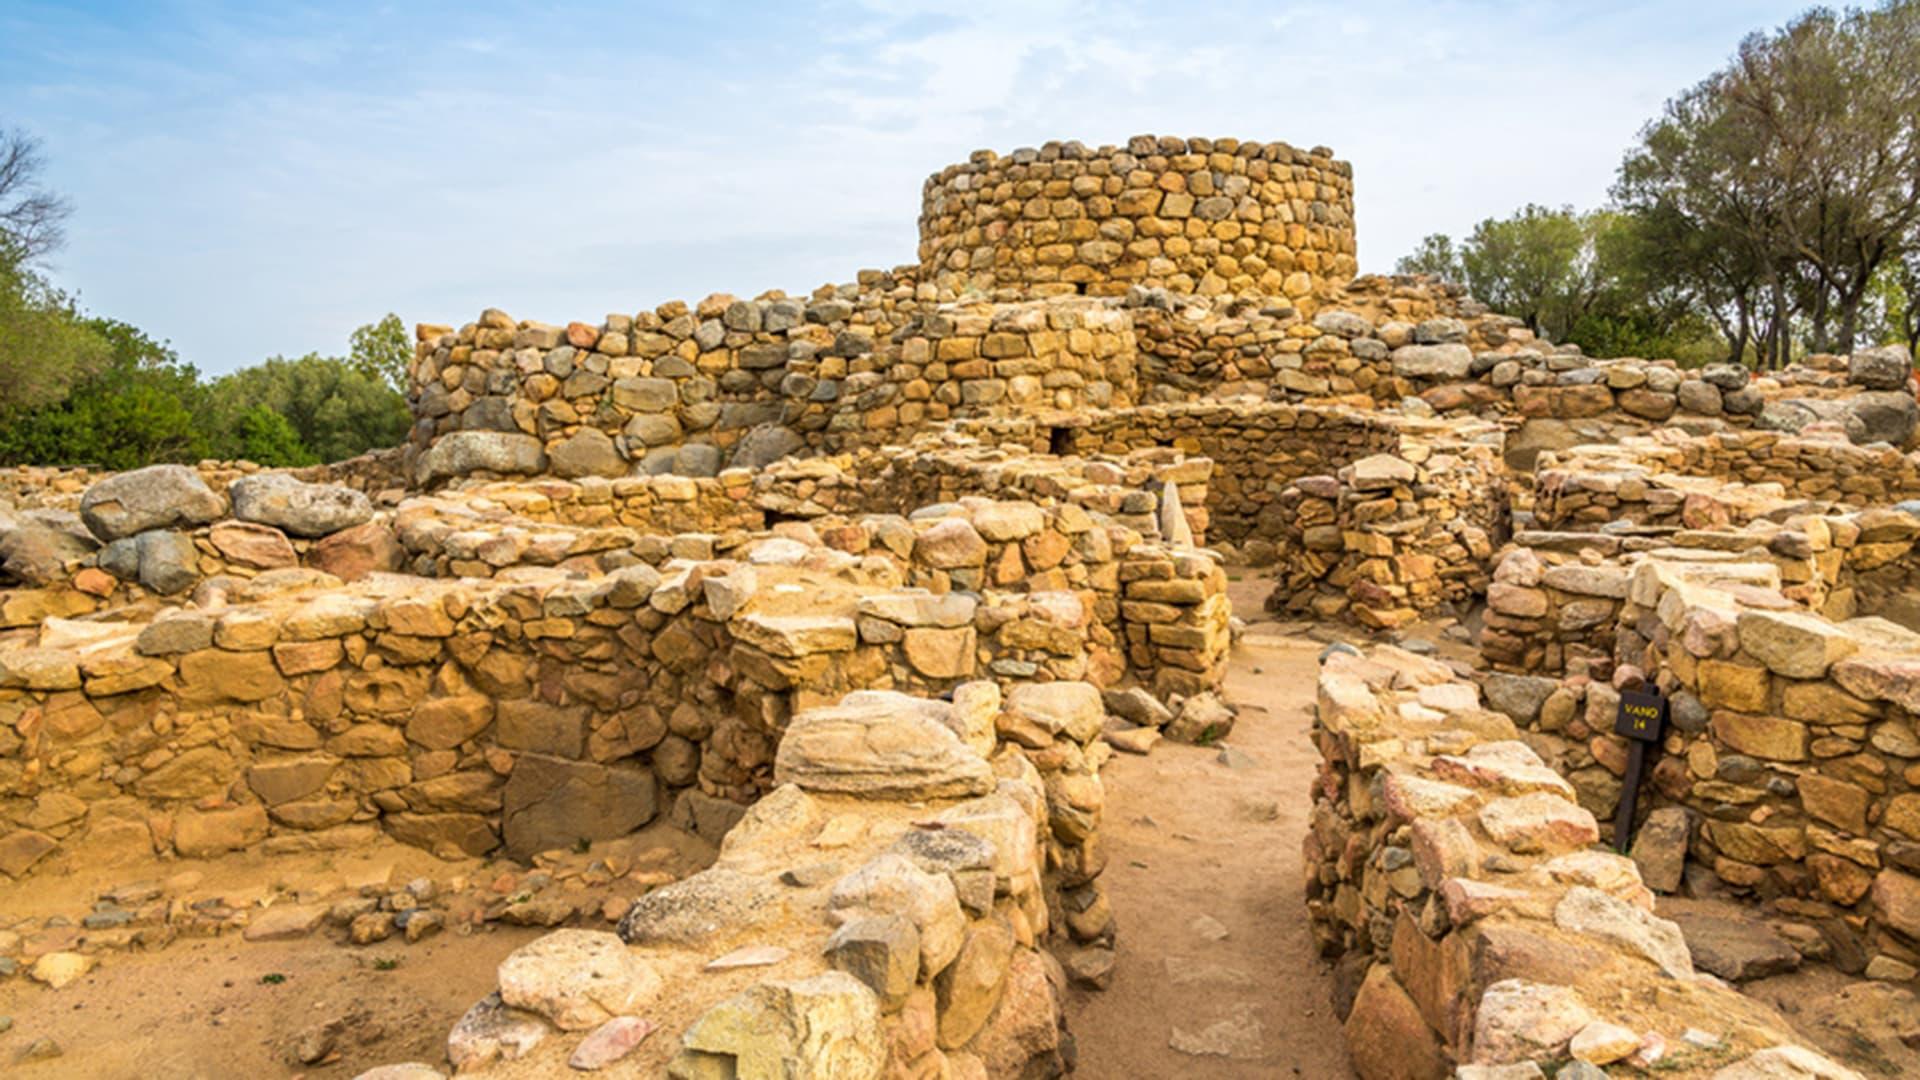 cala-falco-escursioni-archeo-tour-prisgiona-960